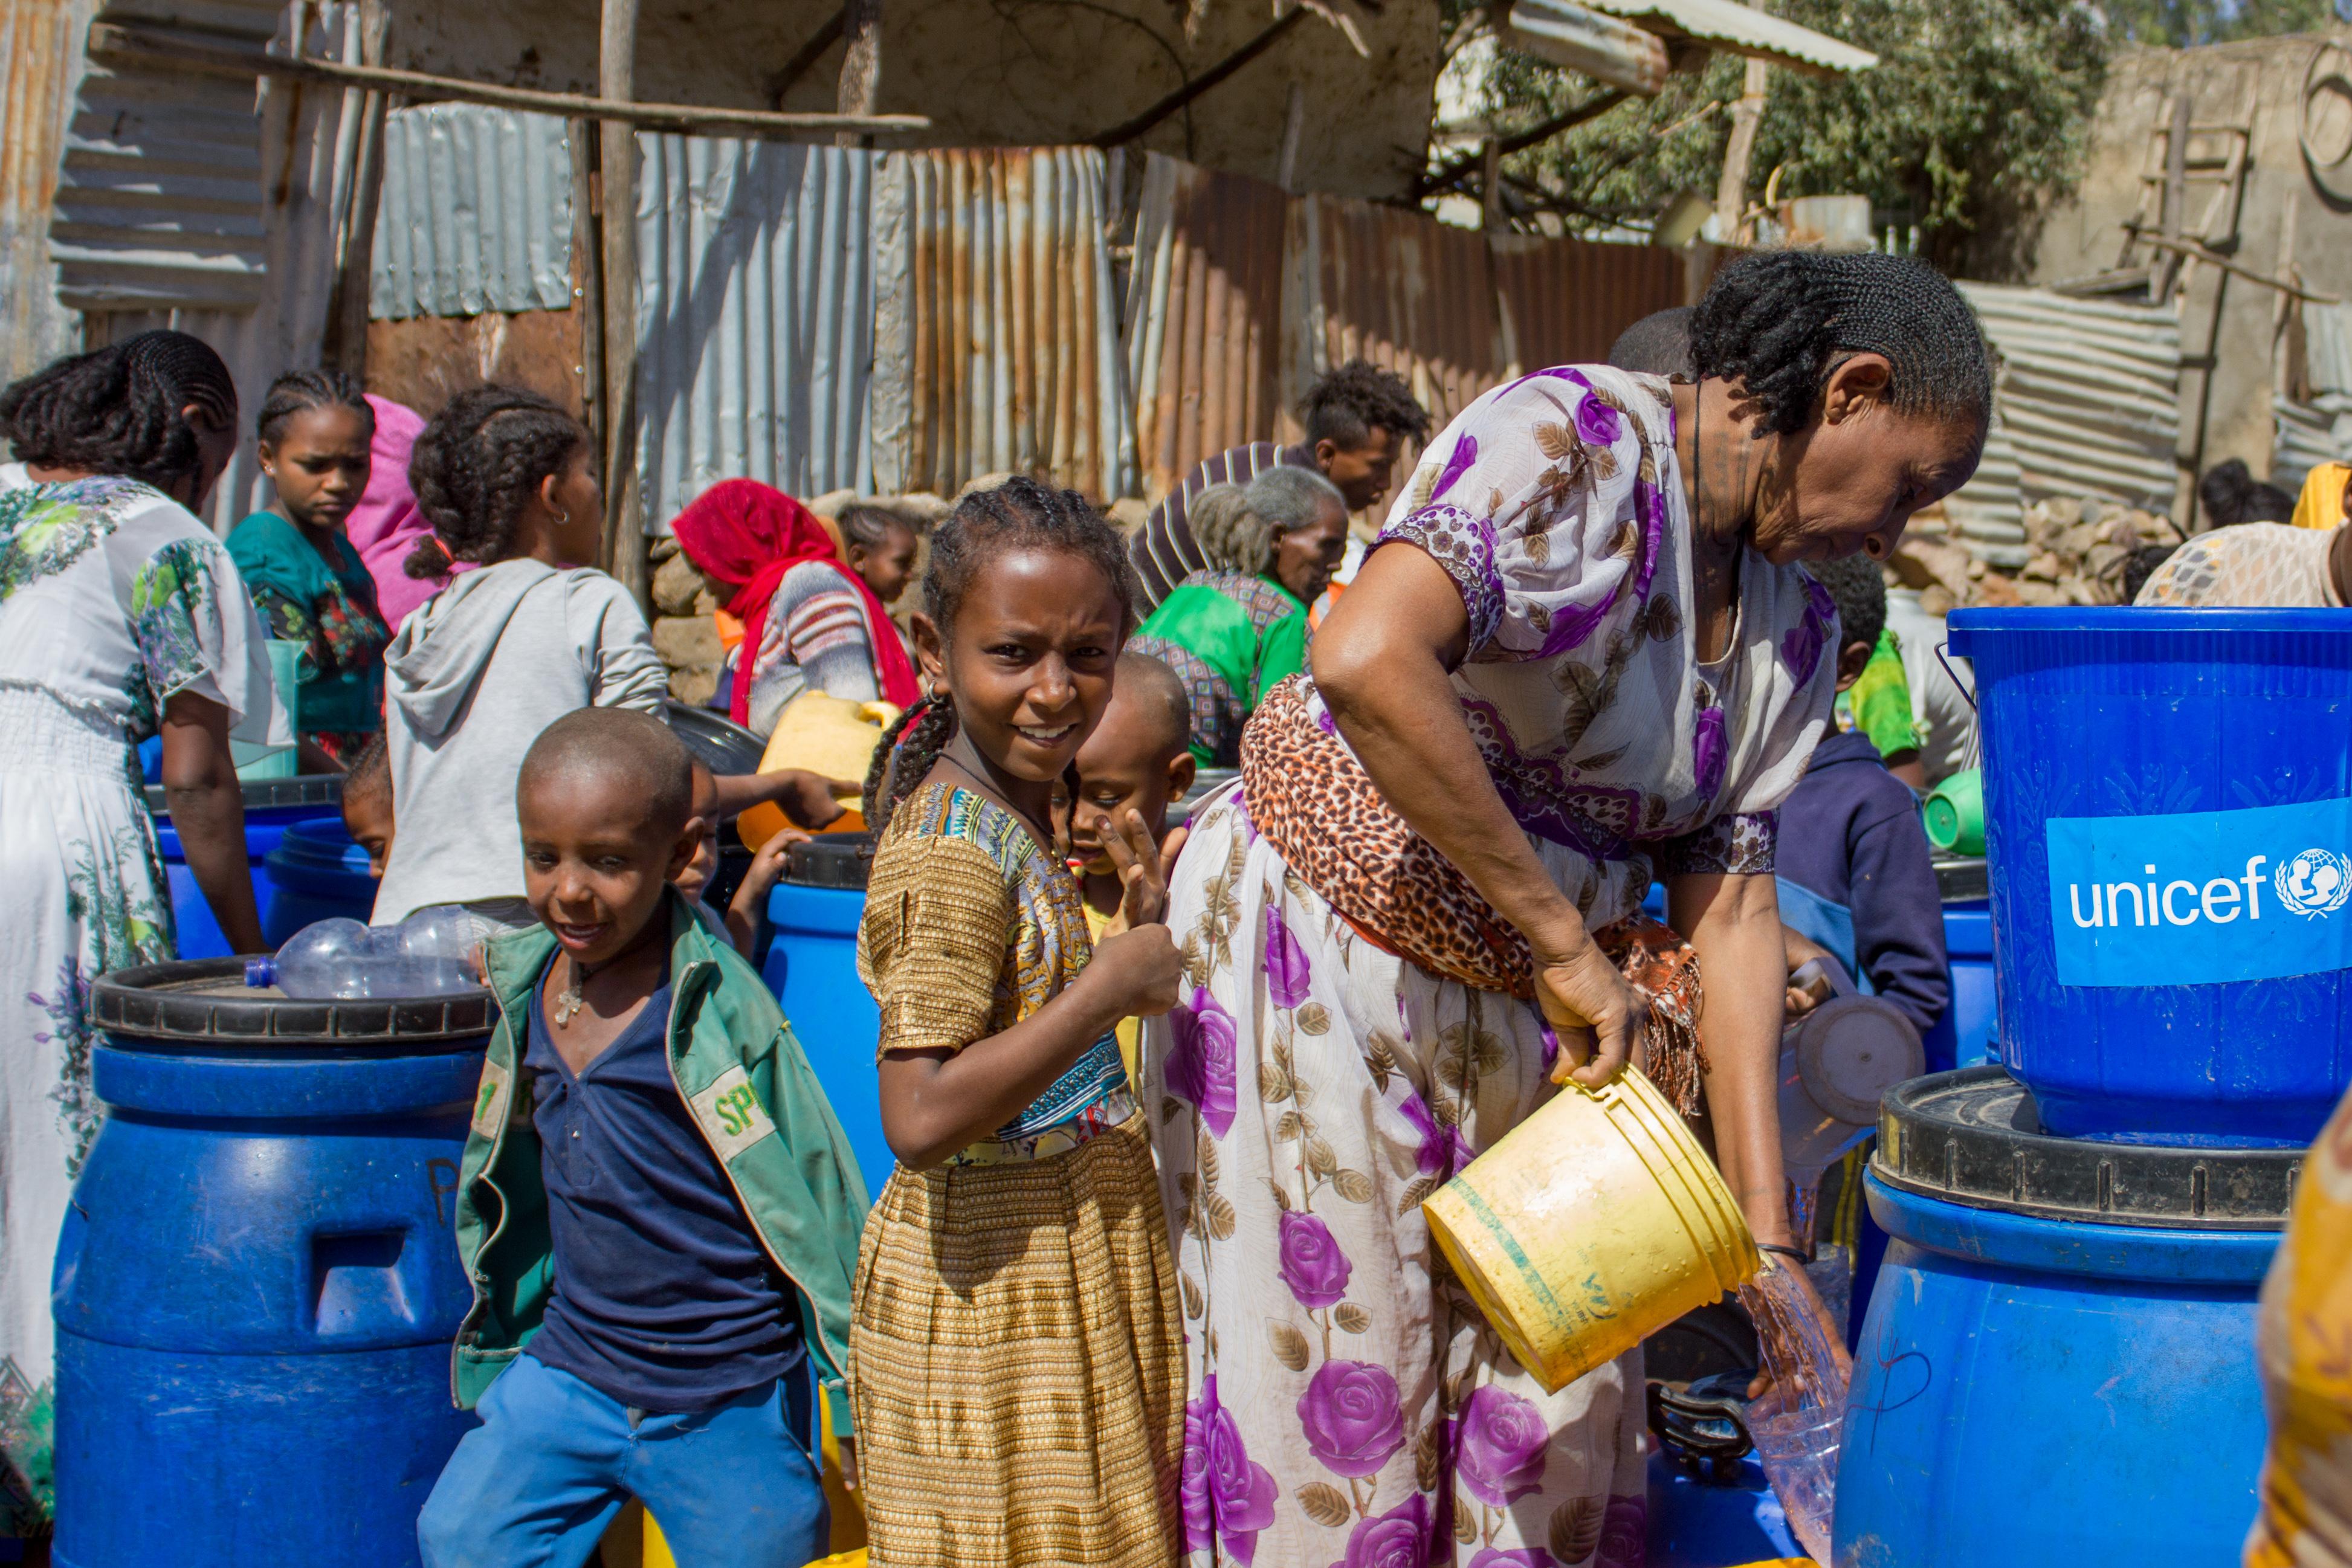 UNICEF verteilt Hygieneprodukte an Binnenvertriebene in der Shire-Sekundarschule in der Region Tigray in Äthiopien.